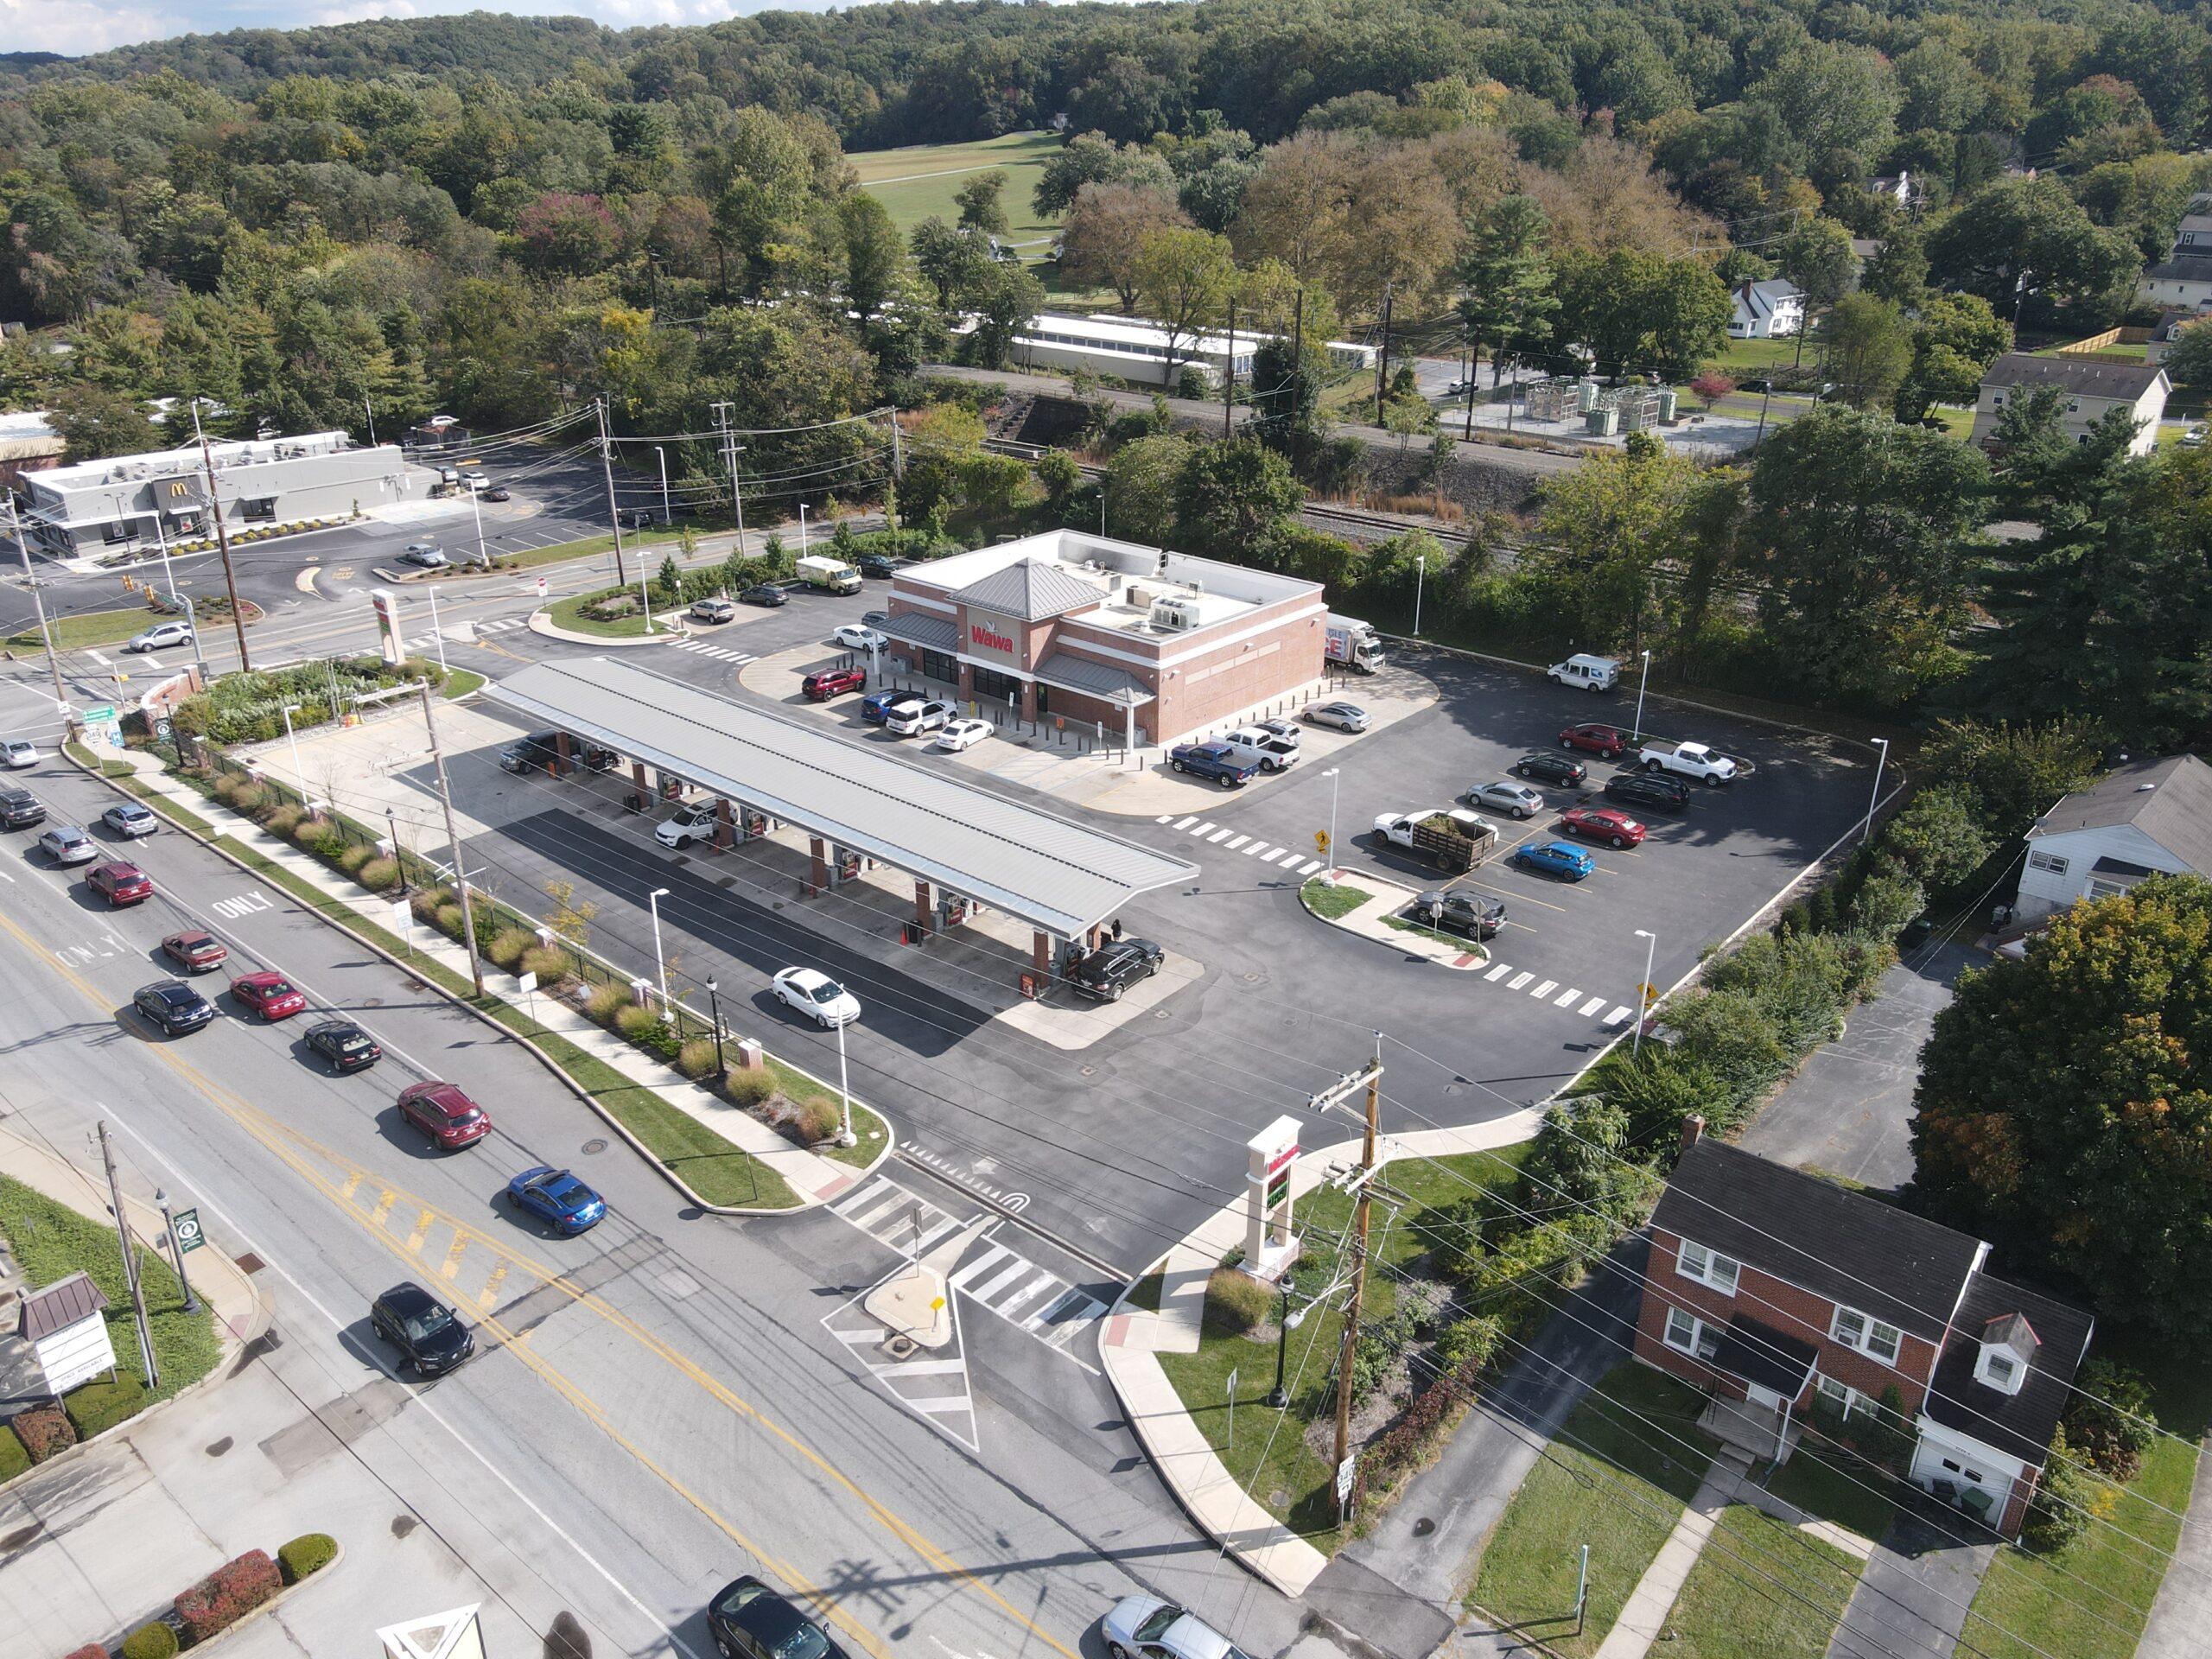 Wawa – Thorndale/Caln Township, PA